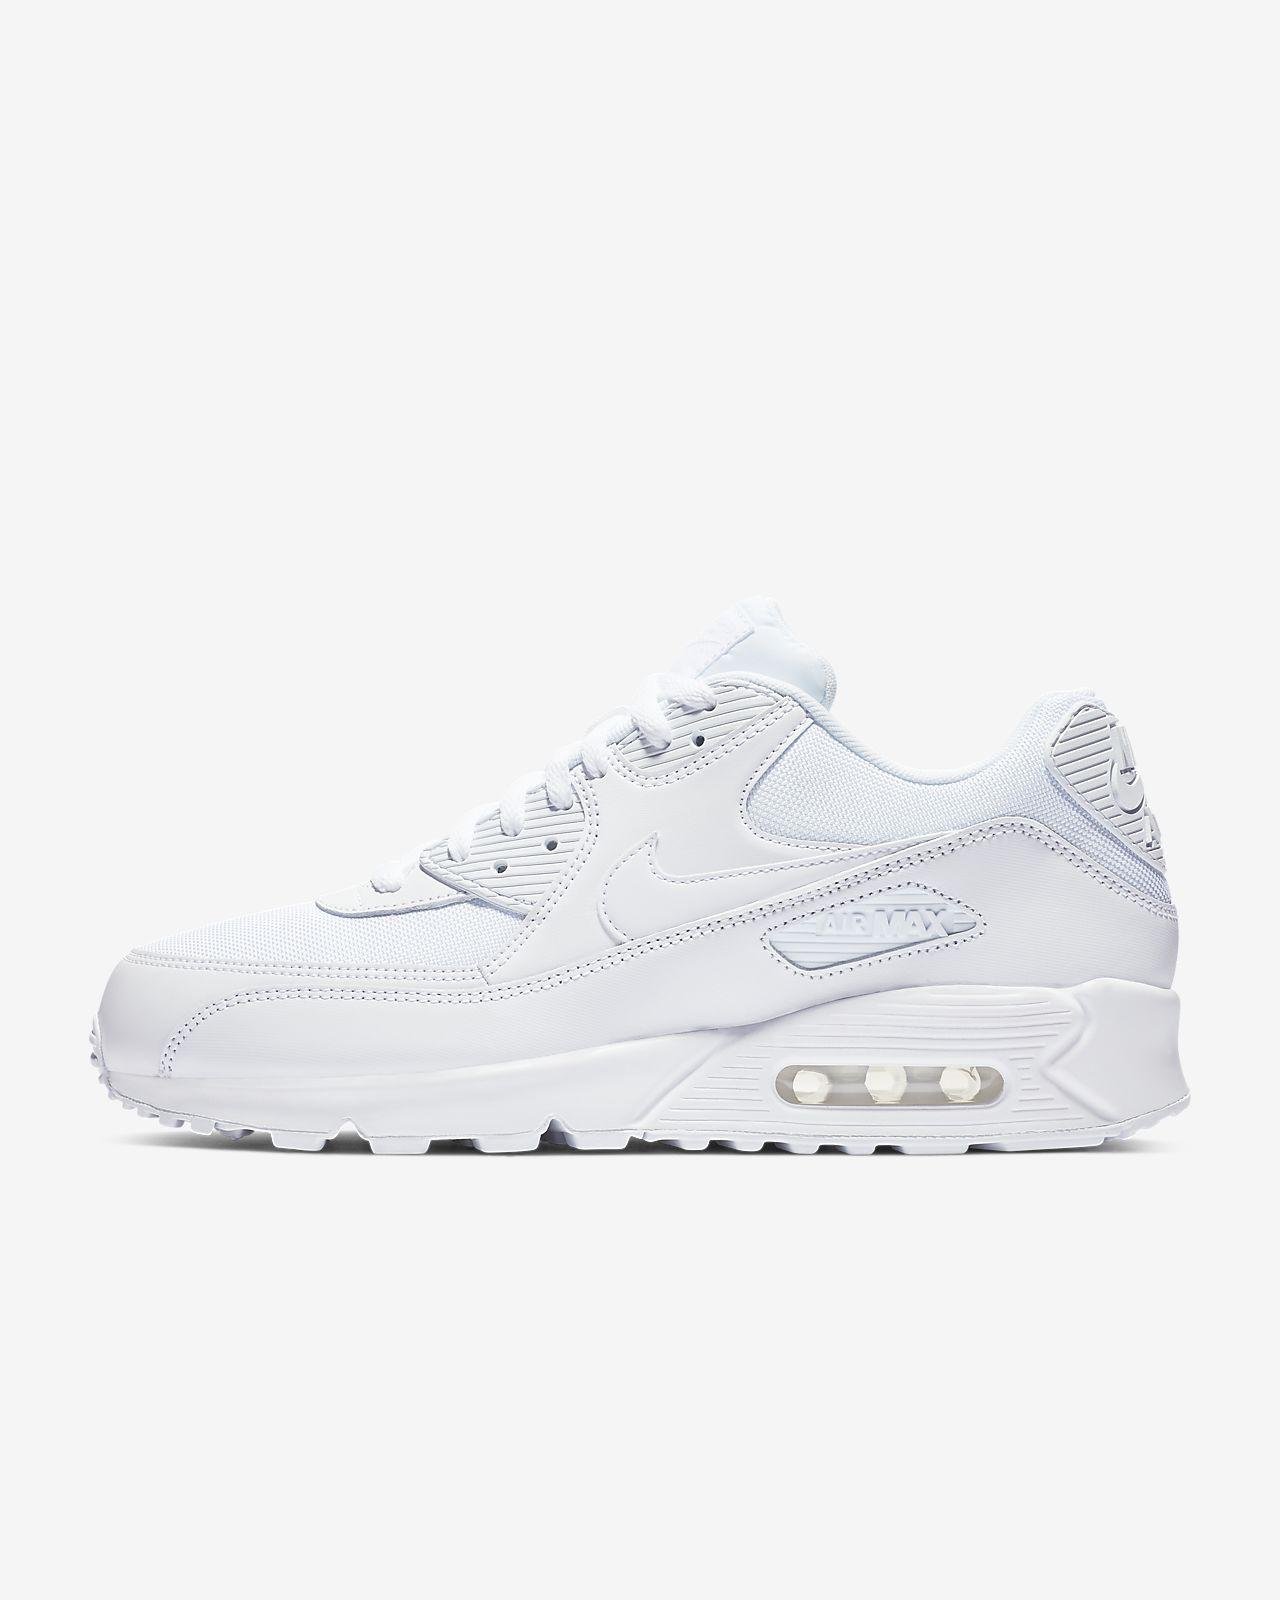 aa6d1fcc749 Pánská bota Nike Air Max 90 Essential. Nike.com CZ